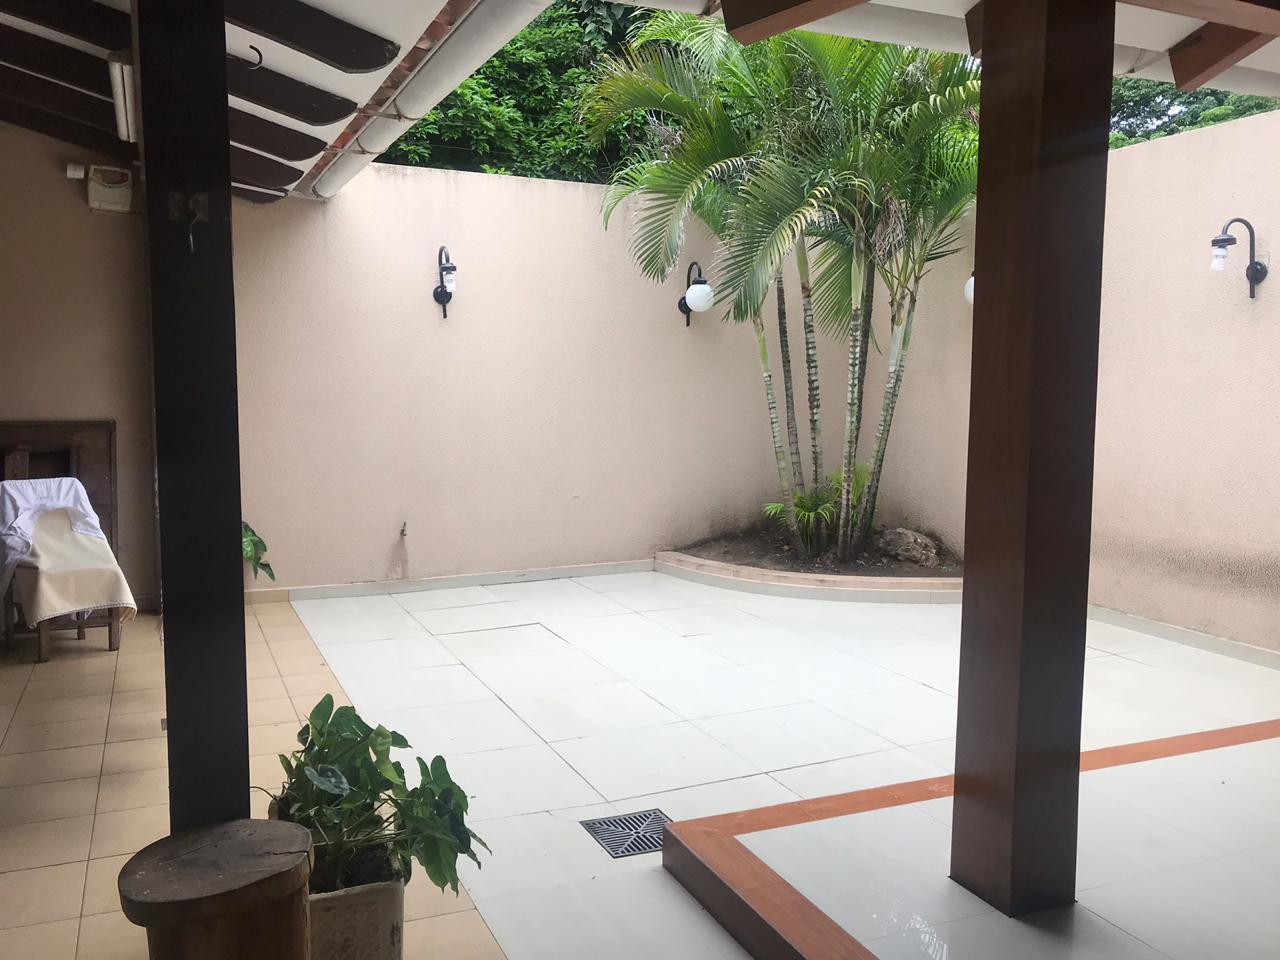 Casa en Venta AV. Hilanderia entre 4to y 5to anillo, entre Av. Pirai y Radial 17/5 Foto 2